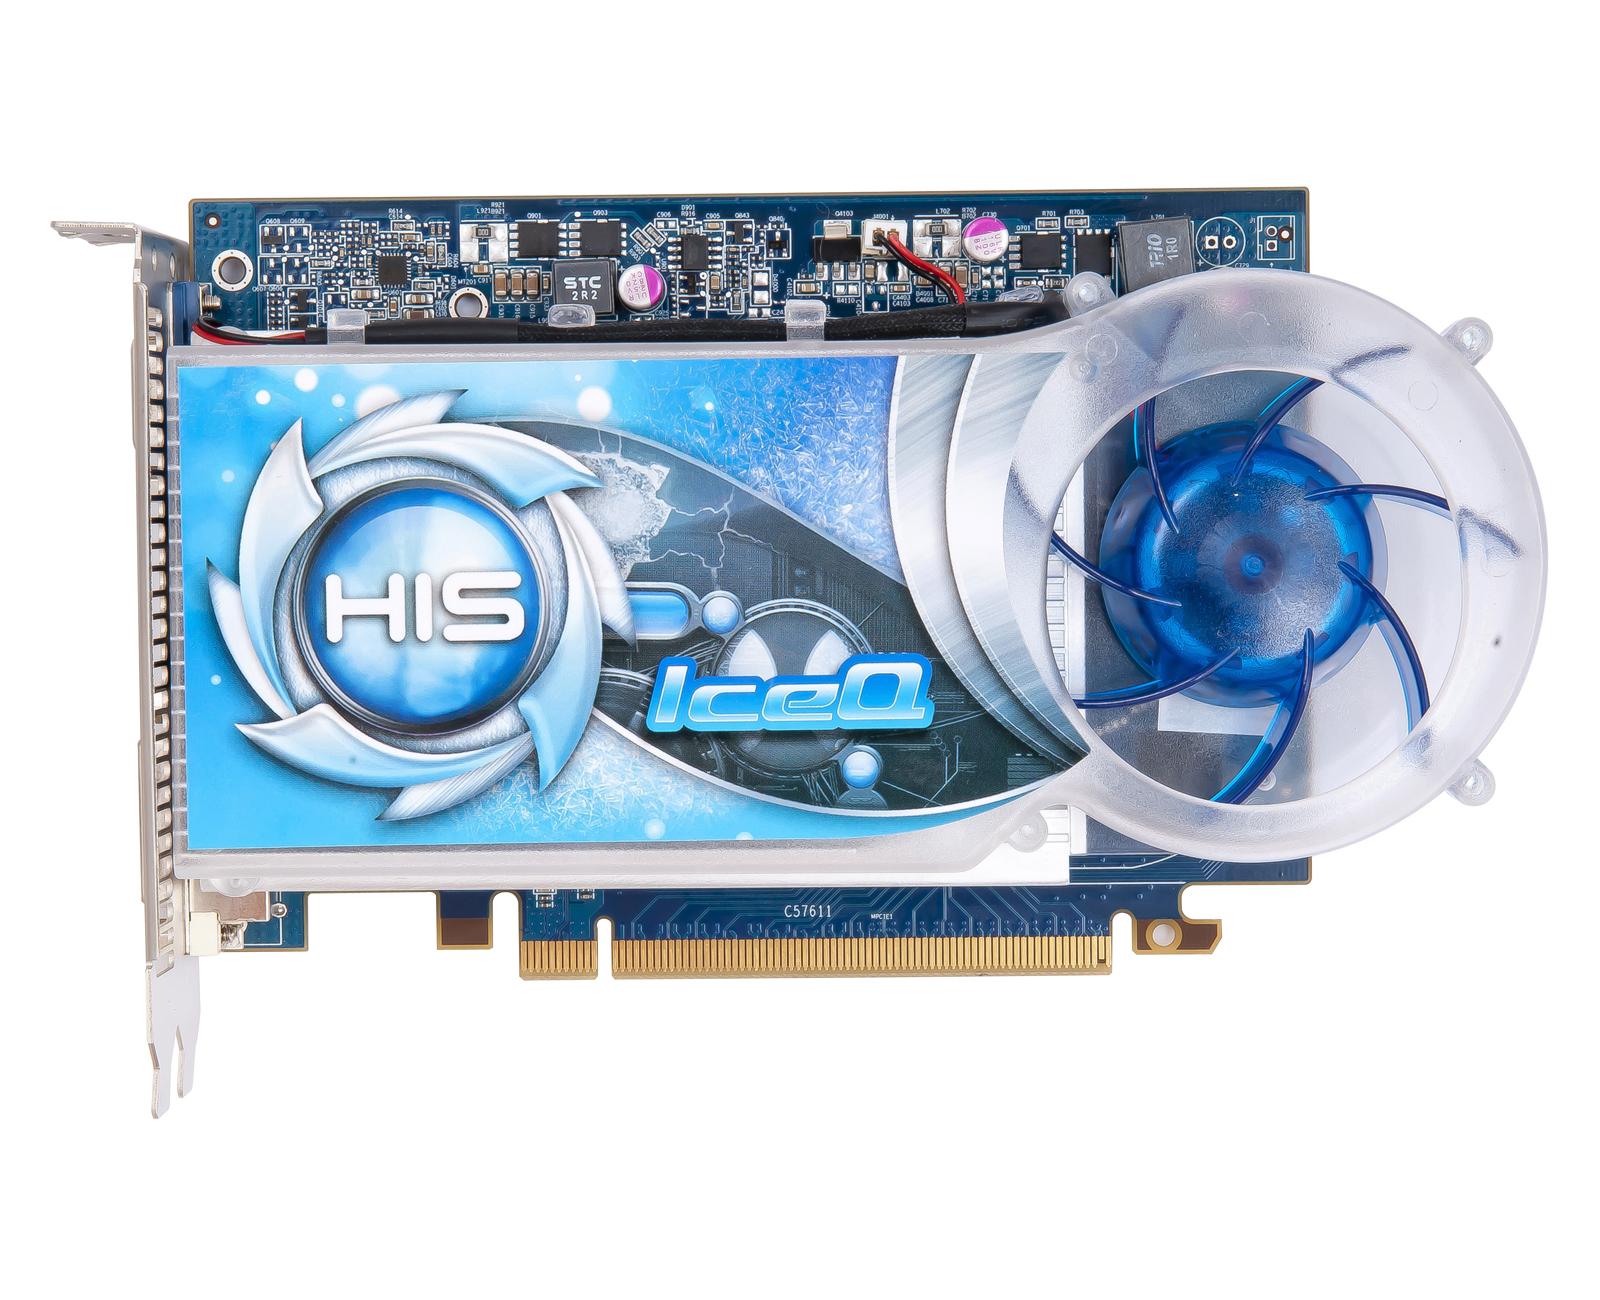 HIS R7 250 IceQ Boost Clock 2GB GDDR5 PCI-E HDMI/SLDVI-D/VGA < R7